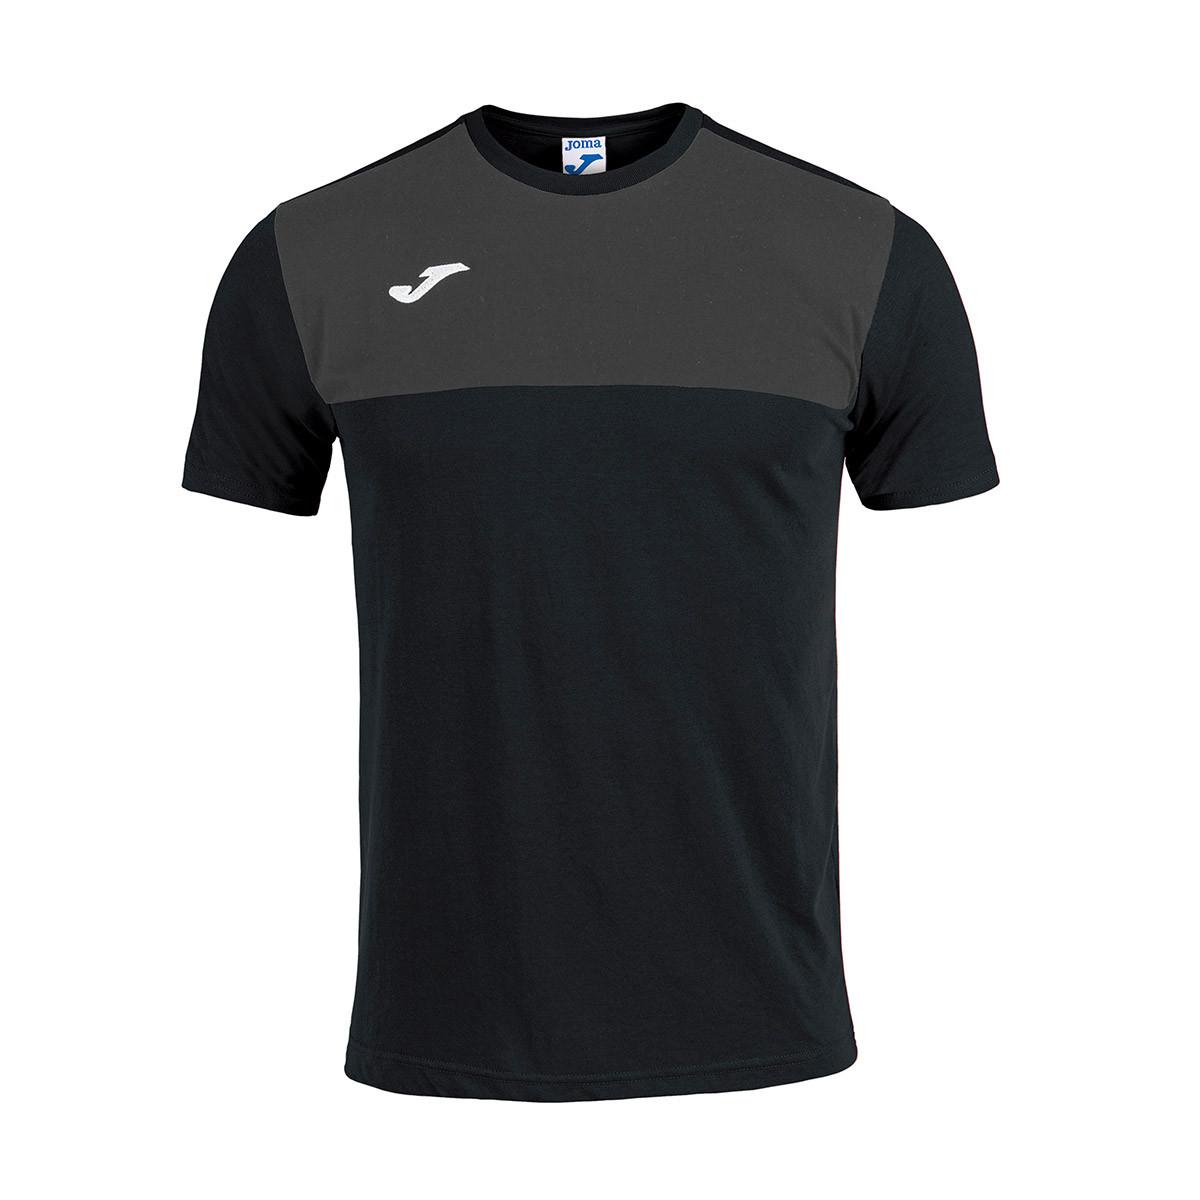 3e44ea02b86 Jersey Joma Winner Cotton m/c Black-Antracita - Football store ...